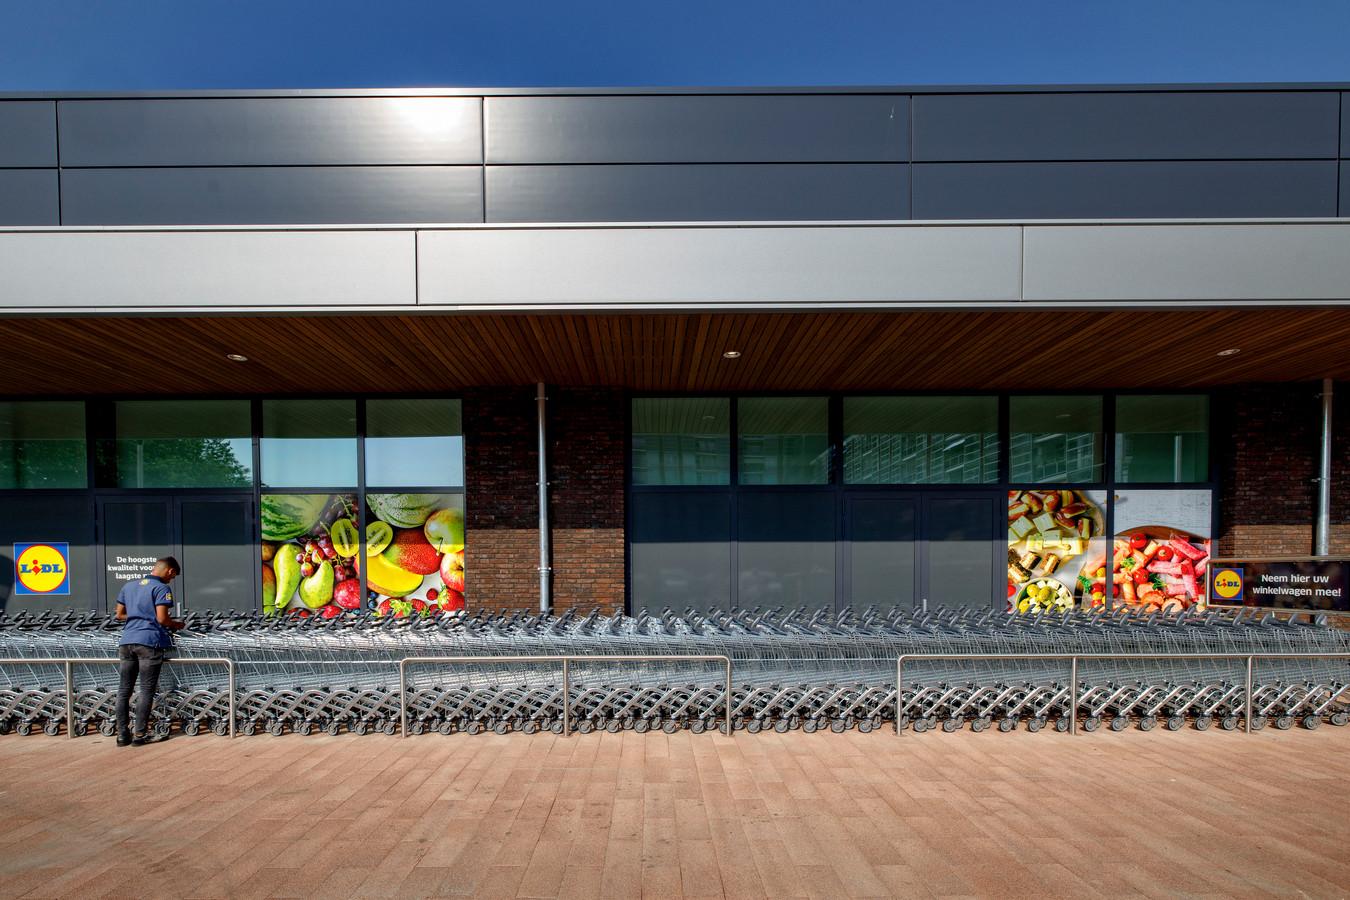 De winkelwagentjes worden in orde gemaakt bij de nieuwe Lidl in Waalwijk.